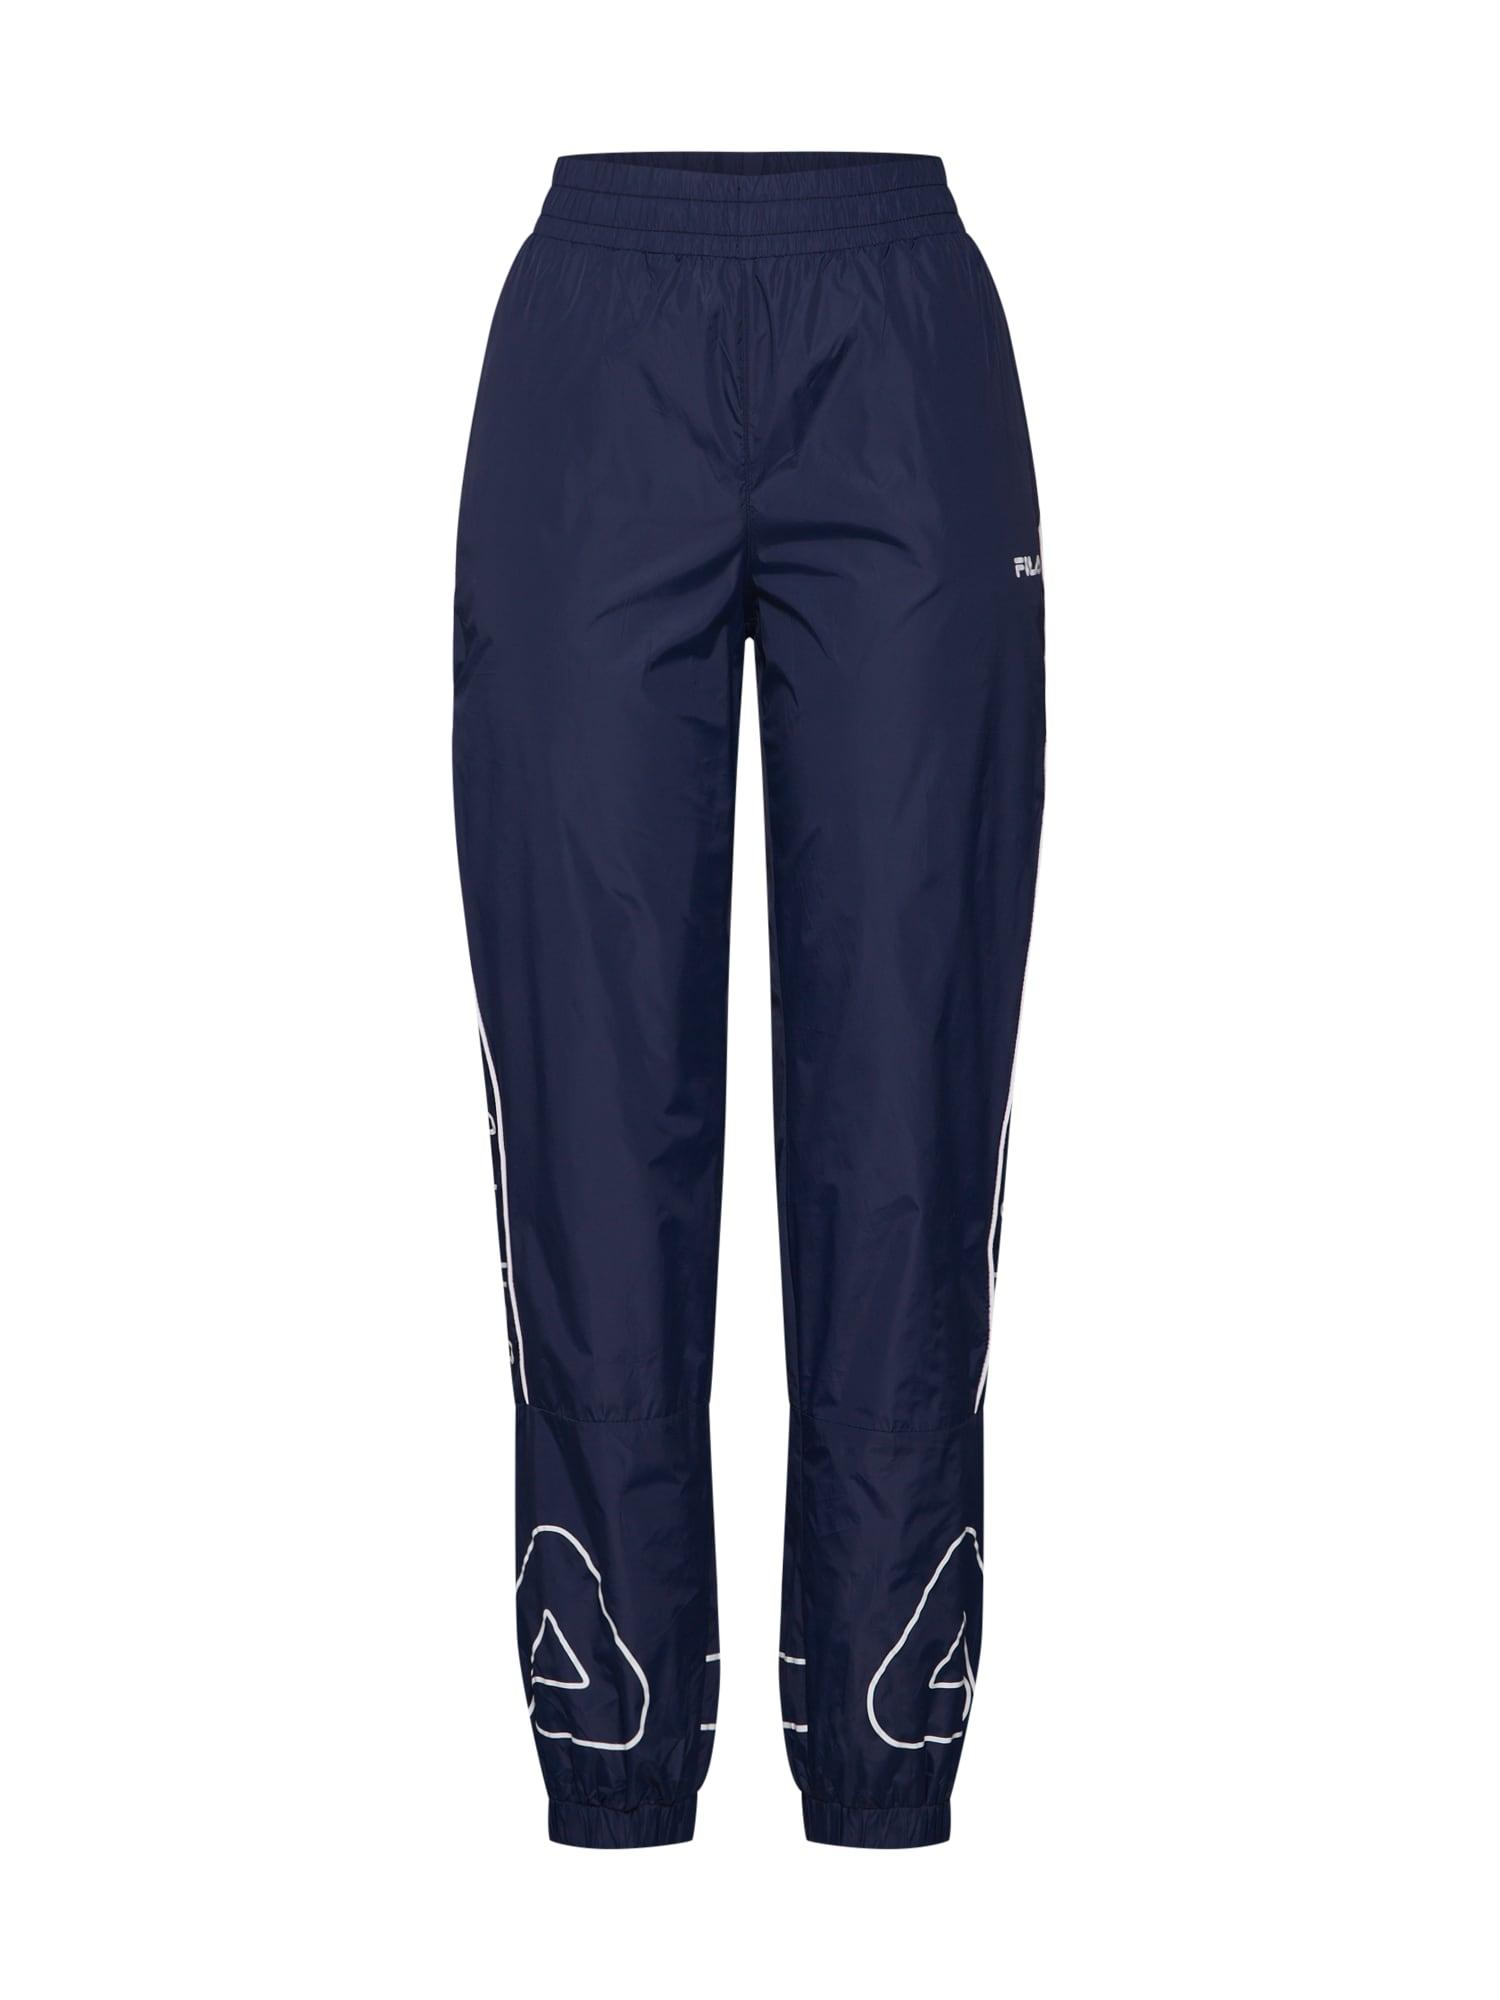 Kalhoty VANESSA Wind Pant námořnická modř bílá FILA